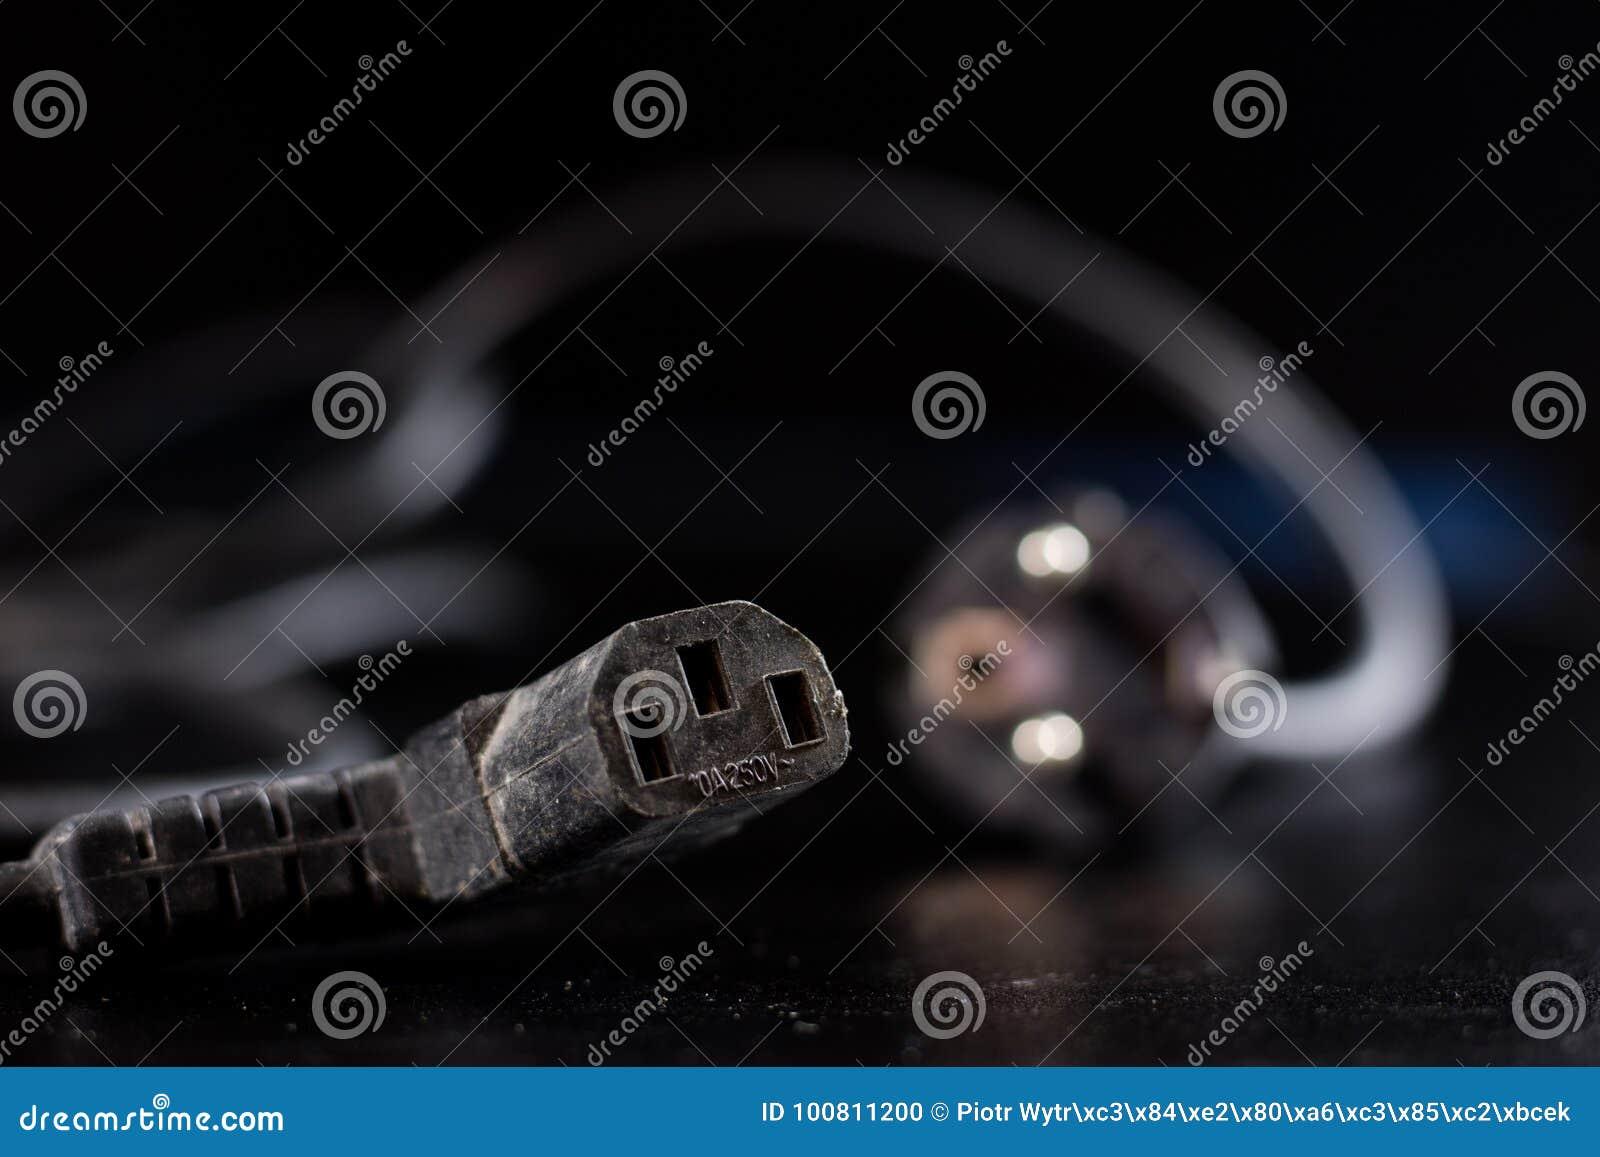 Старые спутанные кабели, электроника и старые кабельные соединители на a